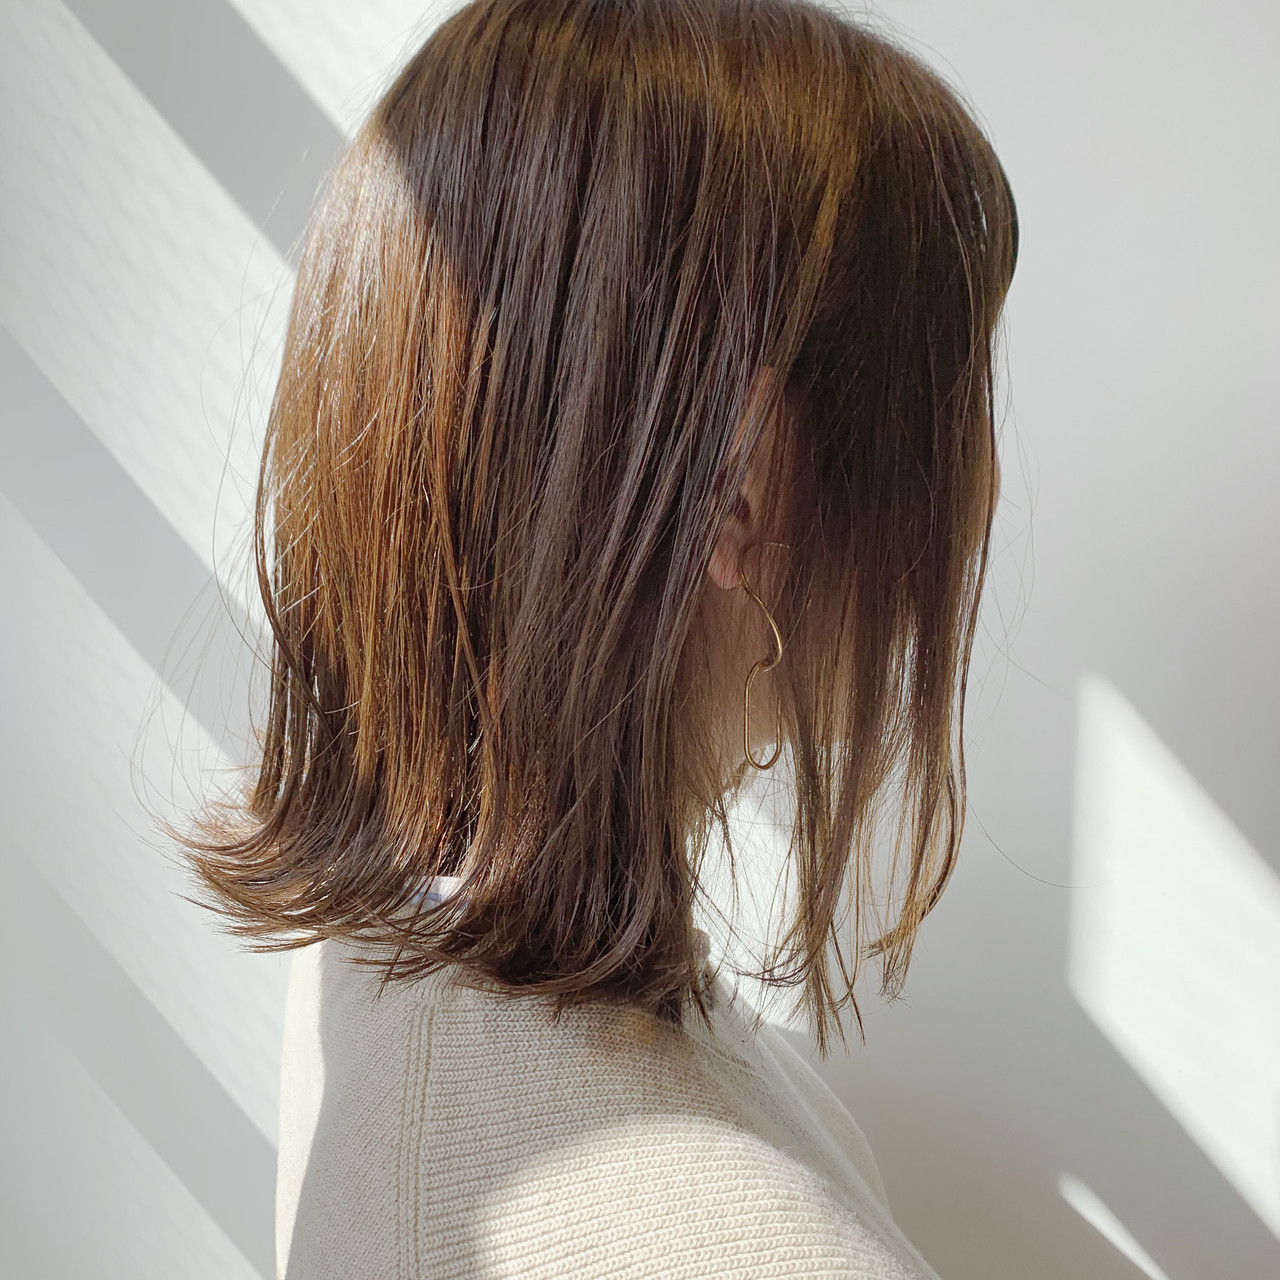 外国人風フェミニン ヌーディベージュ ナチュラル 切りっぱなしボブ ヘアスタイルや髪型の写真・画像